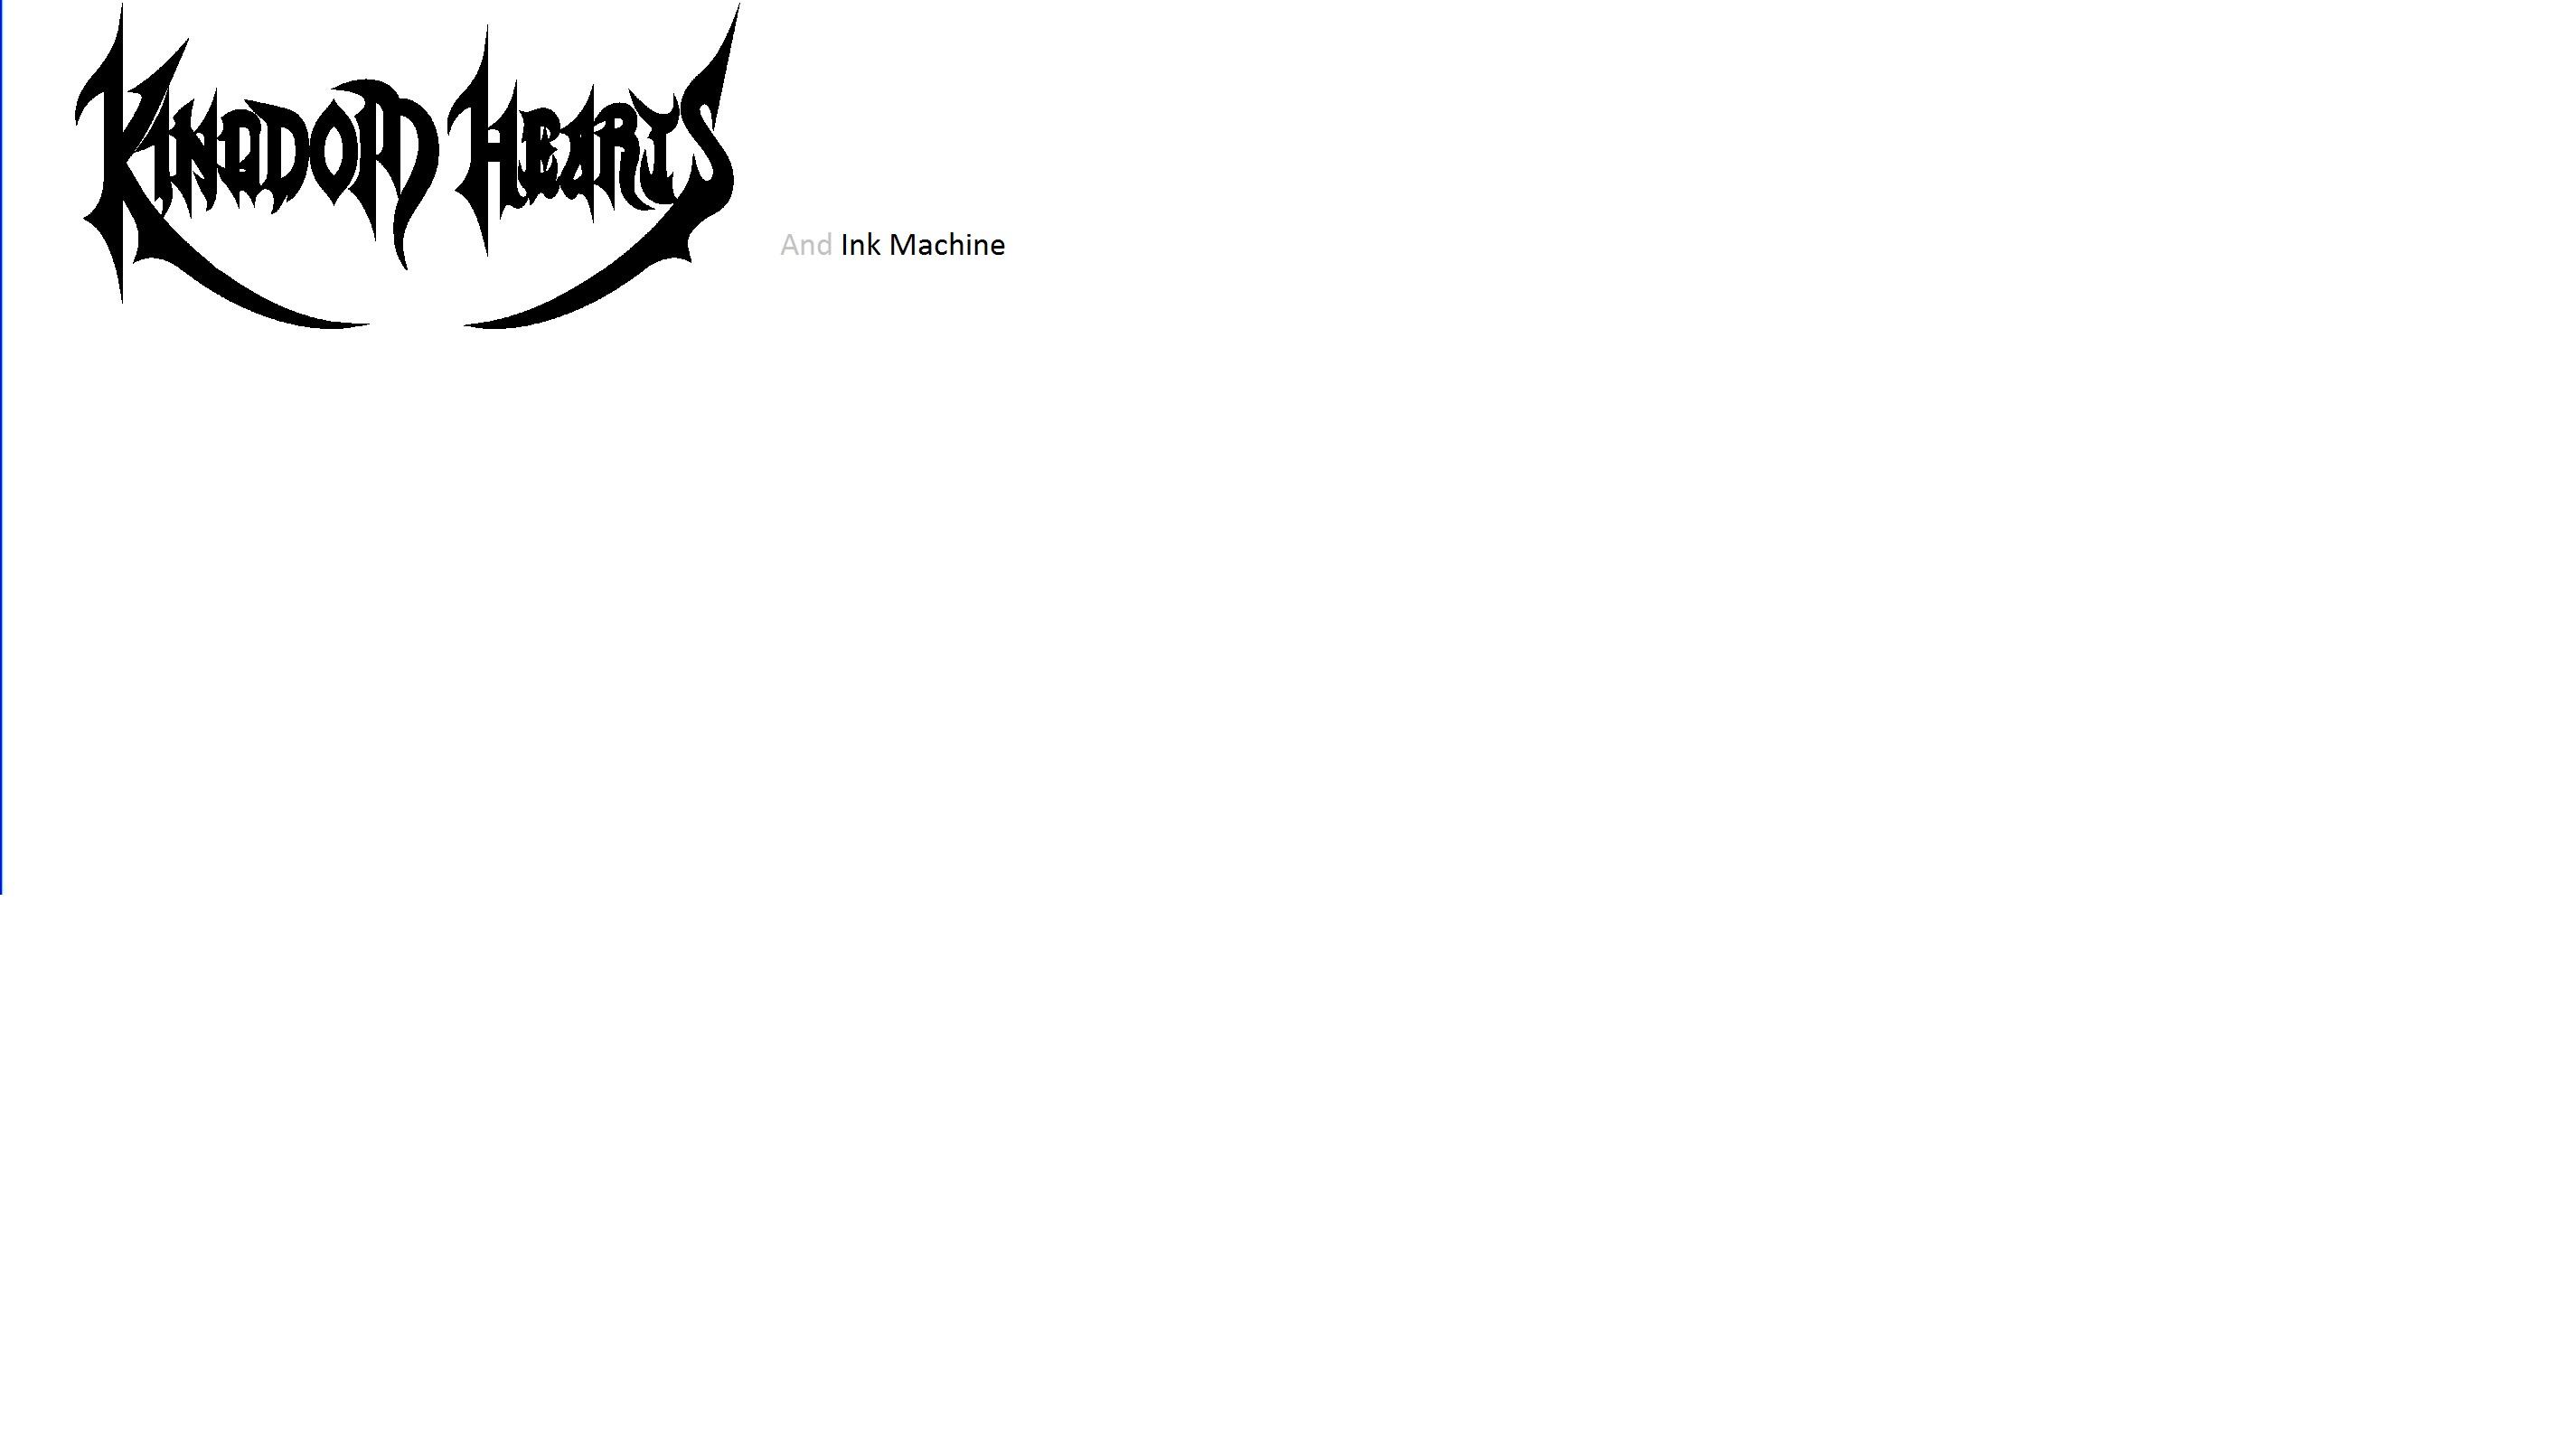 Kingdom Hearts and Ink Machine